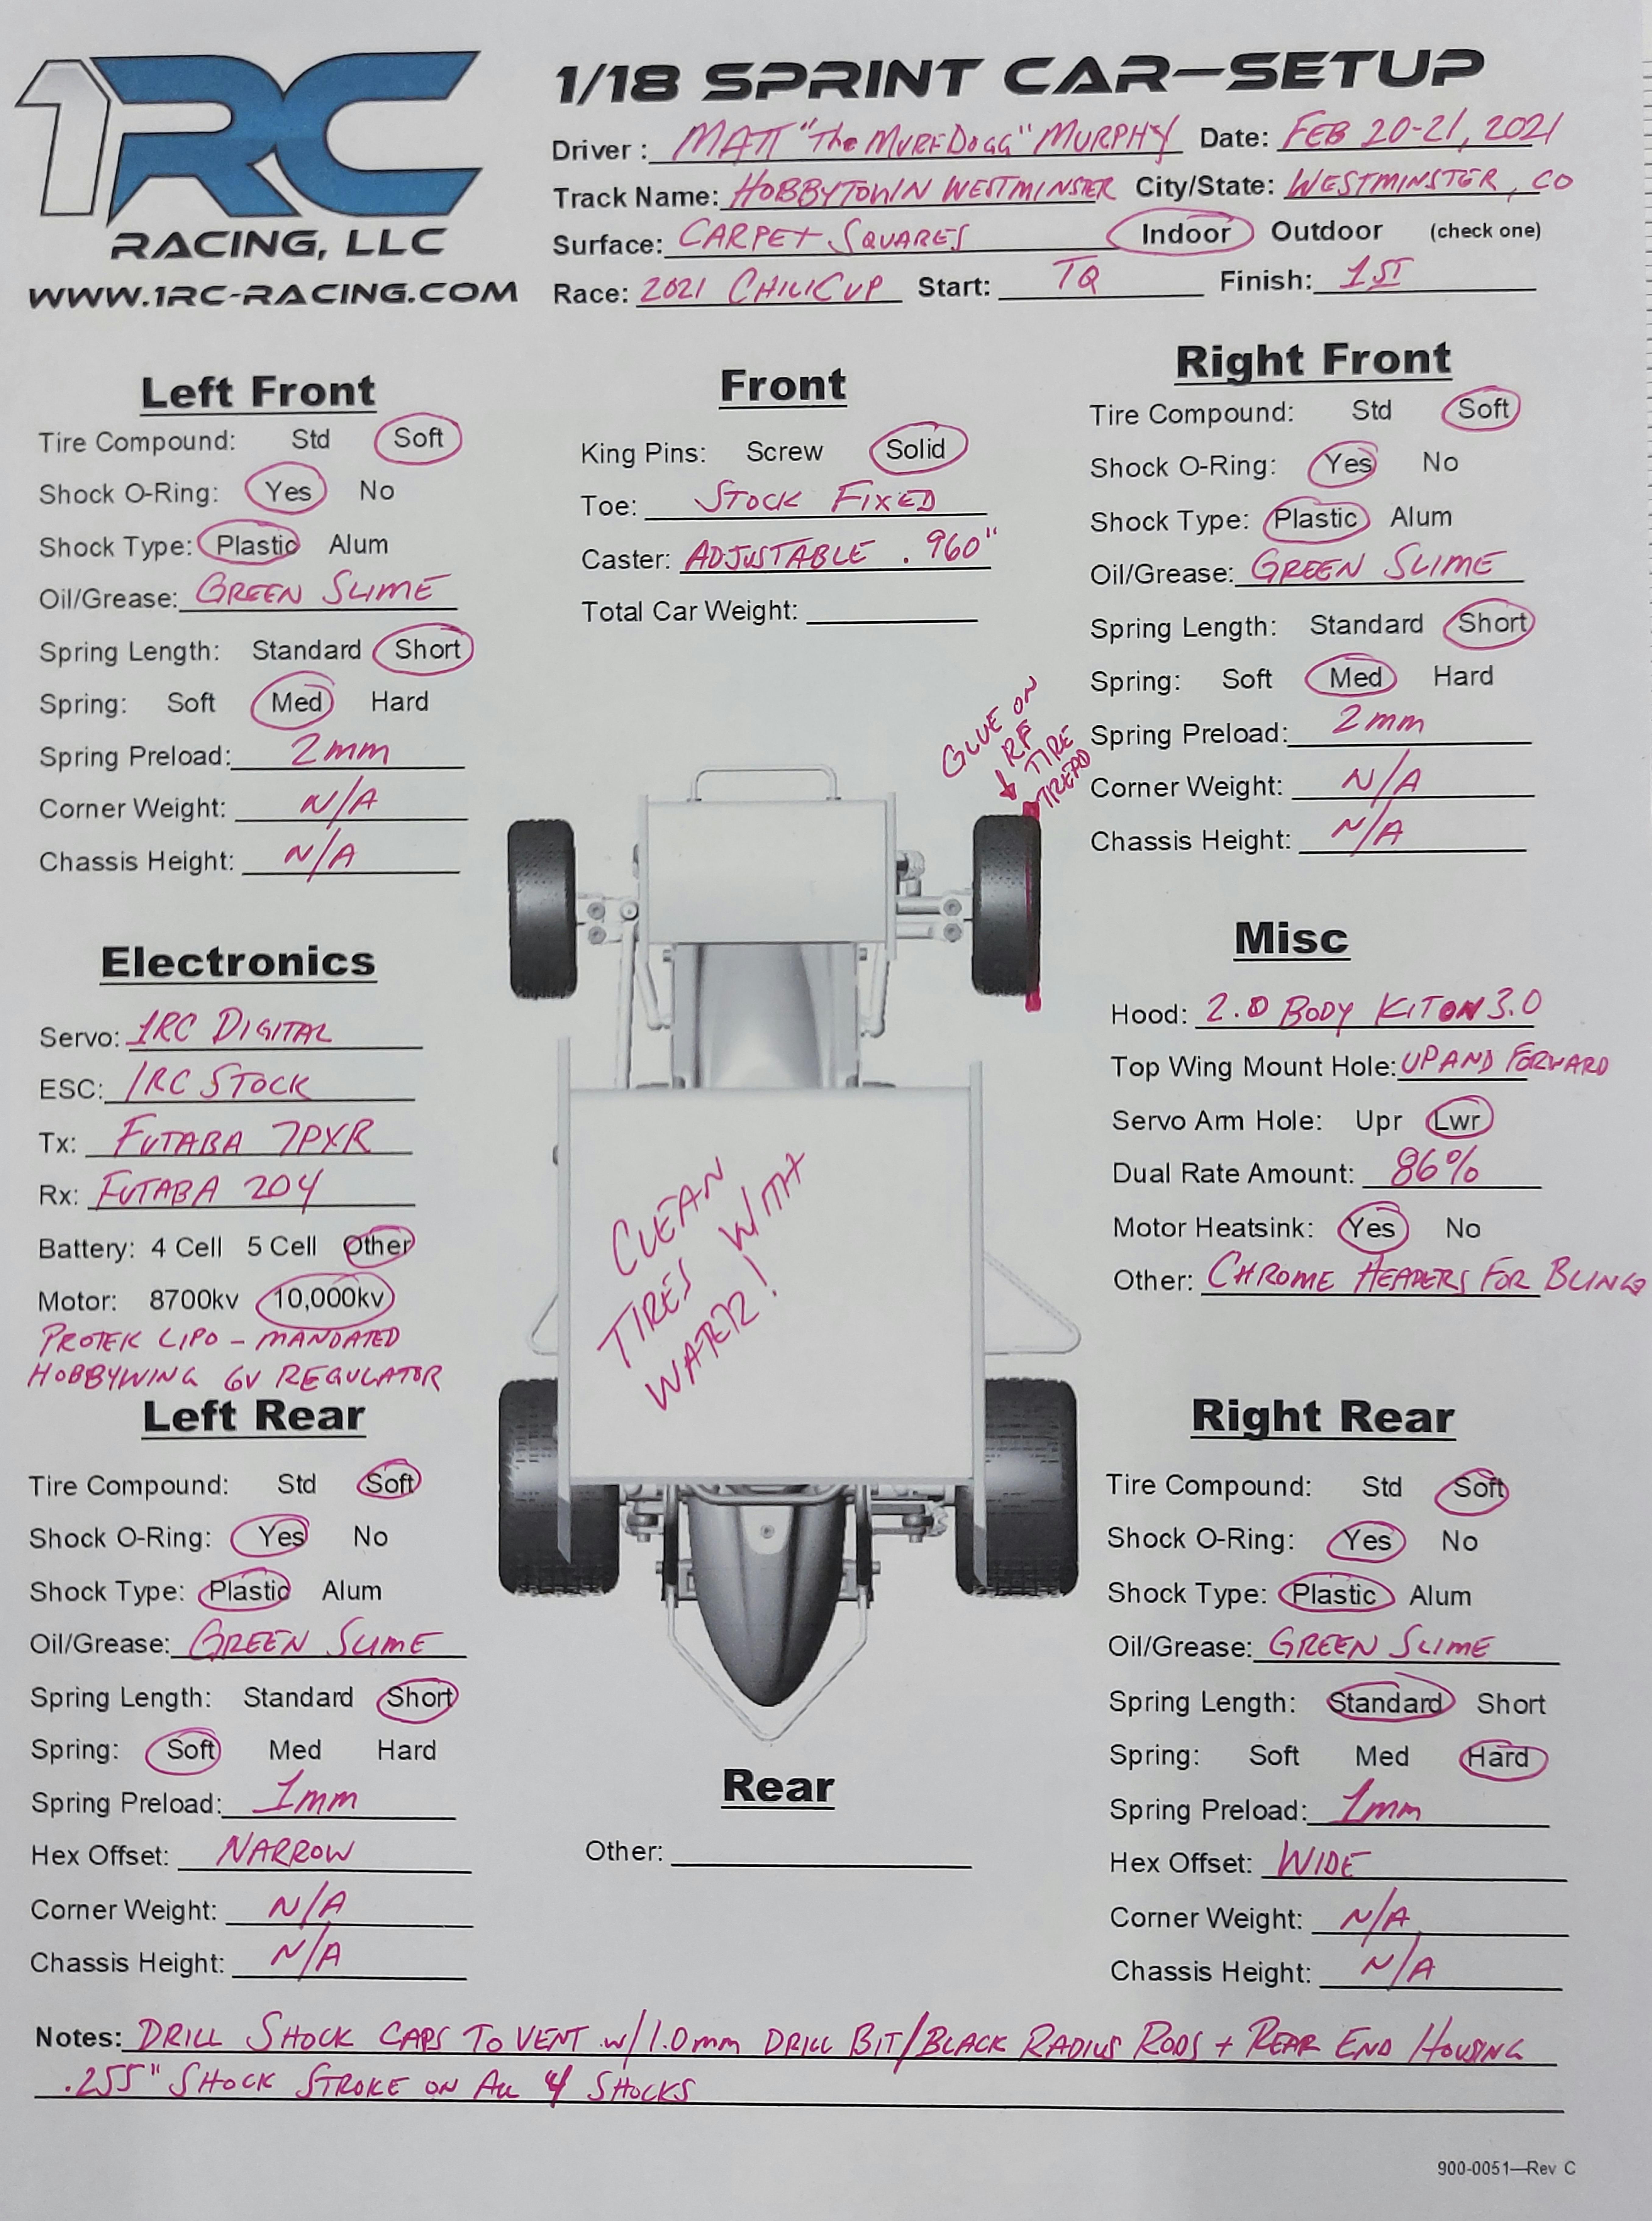 matt-murphy-sprint-car-setup-sheet-2021-chili-cup.jpg